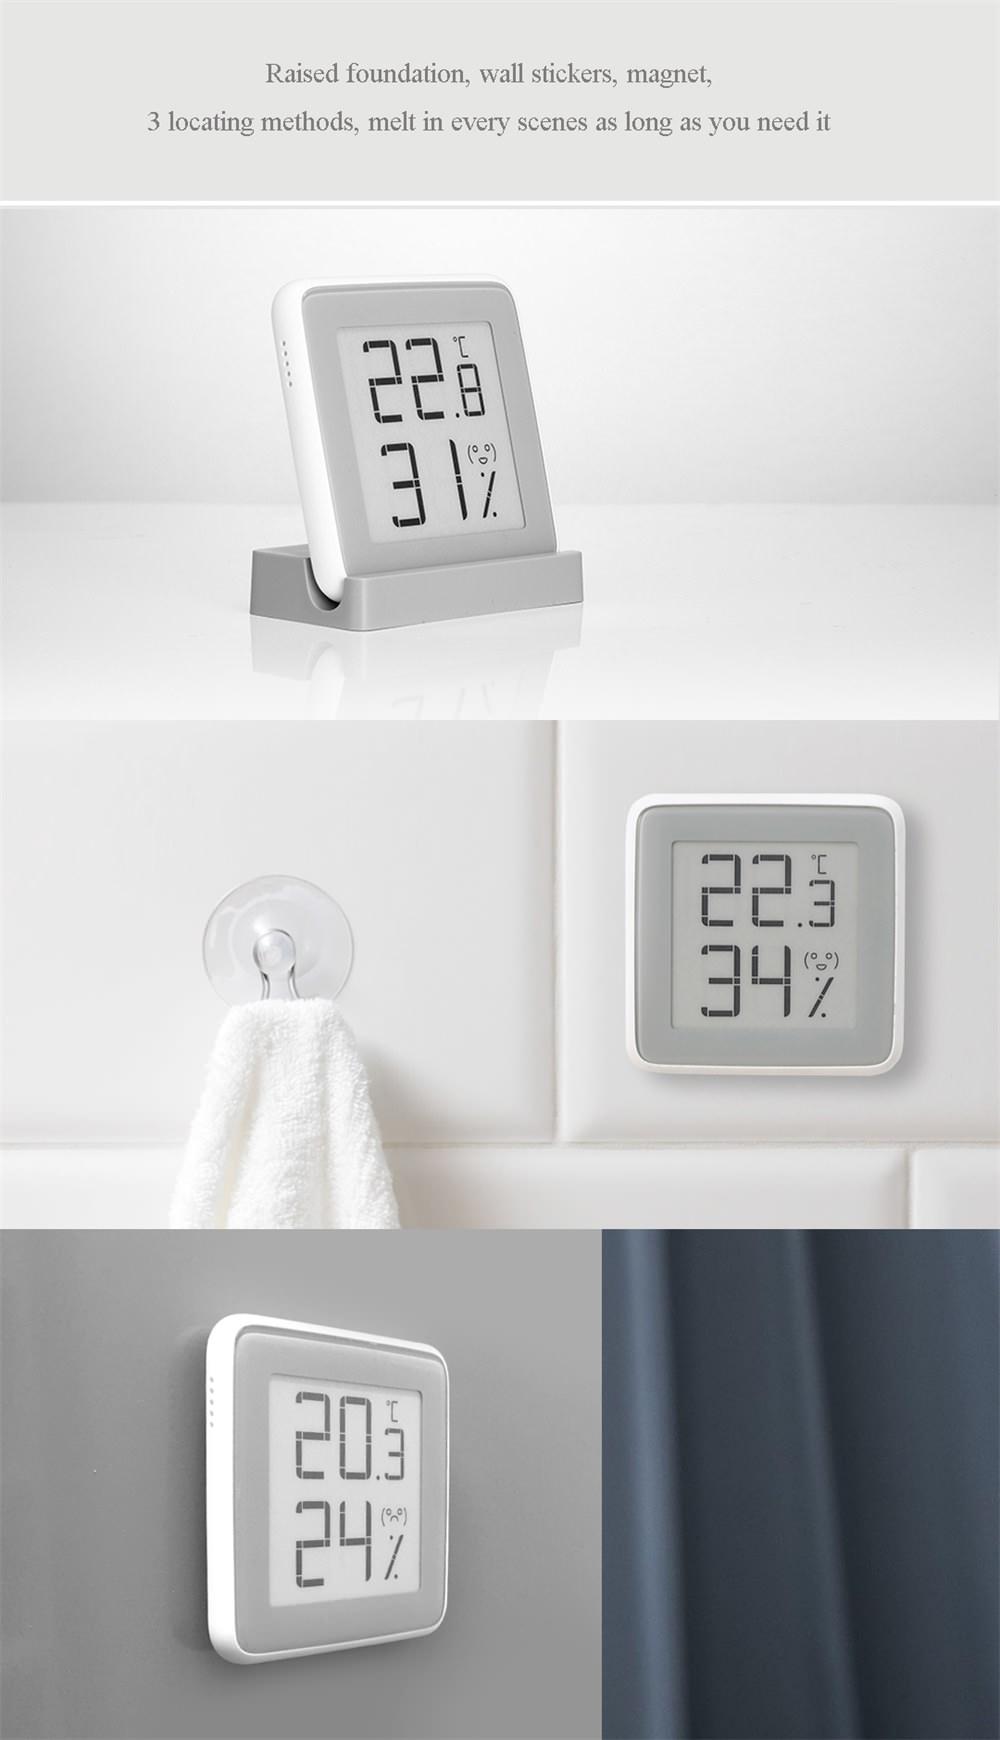 xiaomi humidity sensor